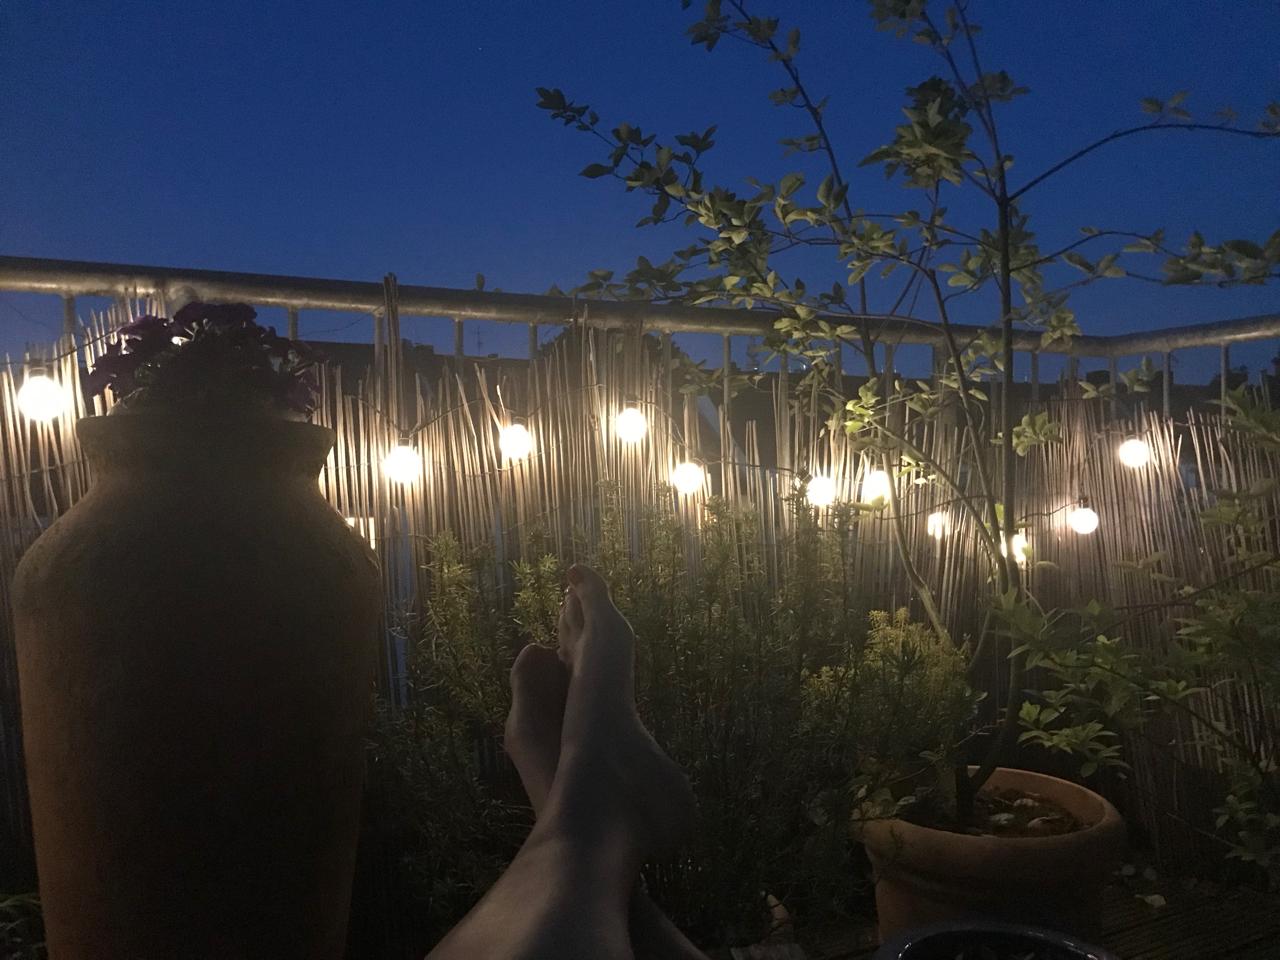 Terrasse am Abend: Lichterkette